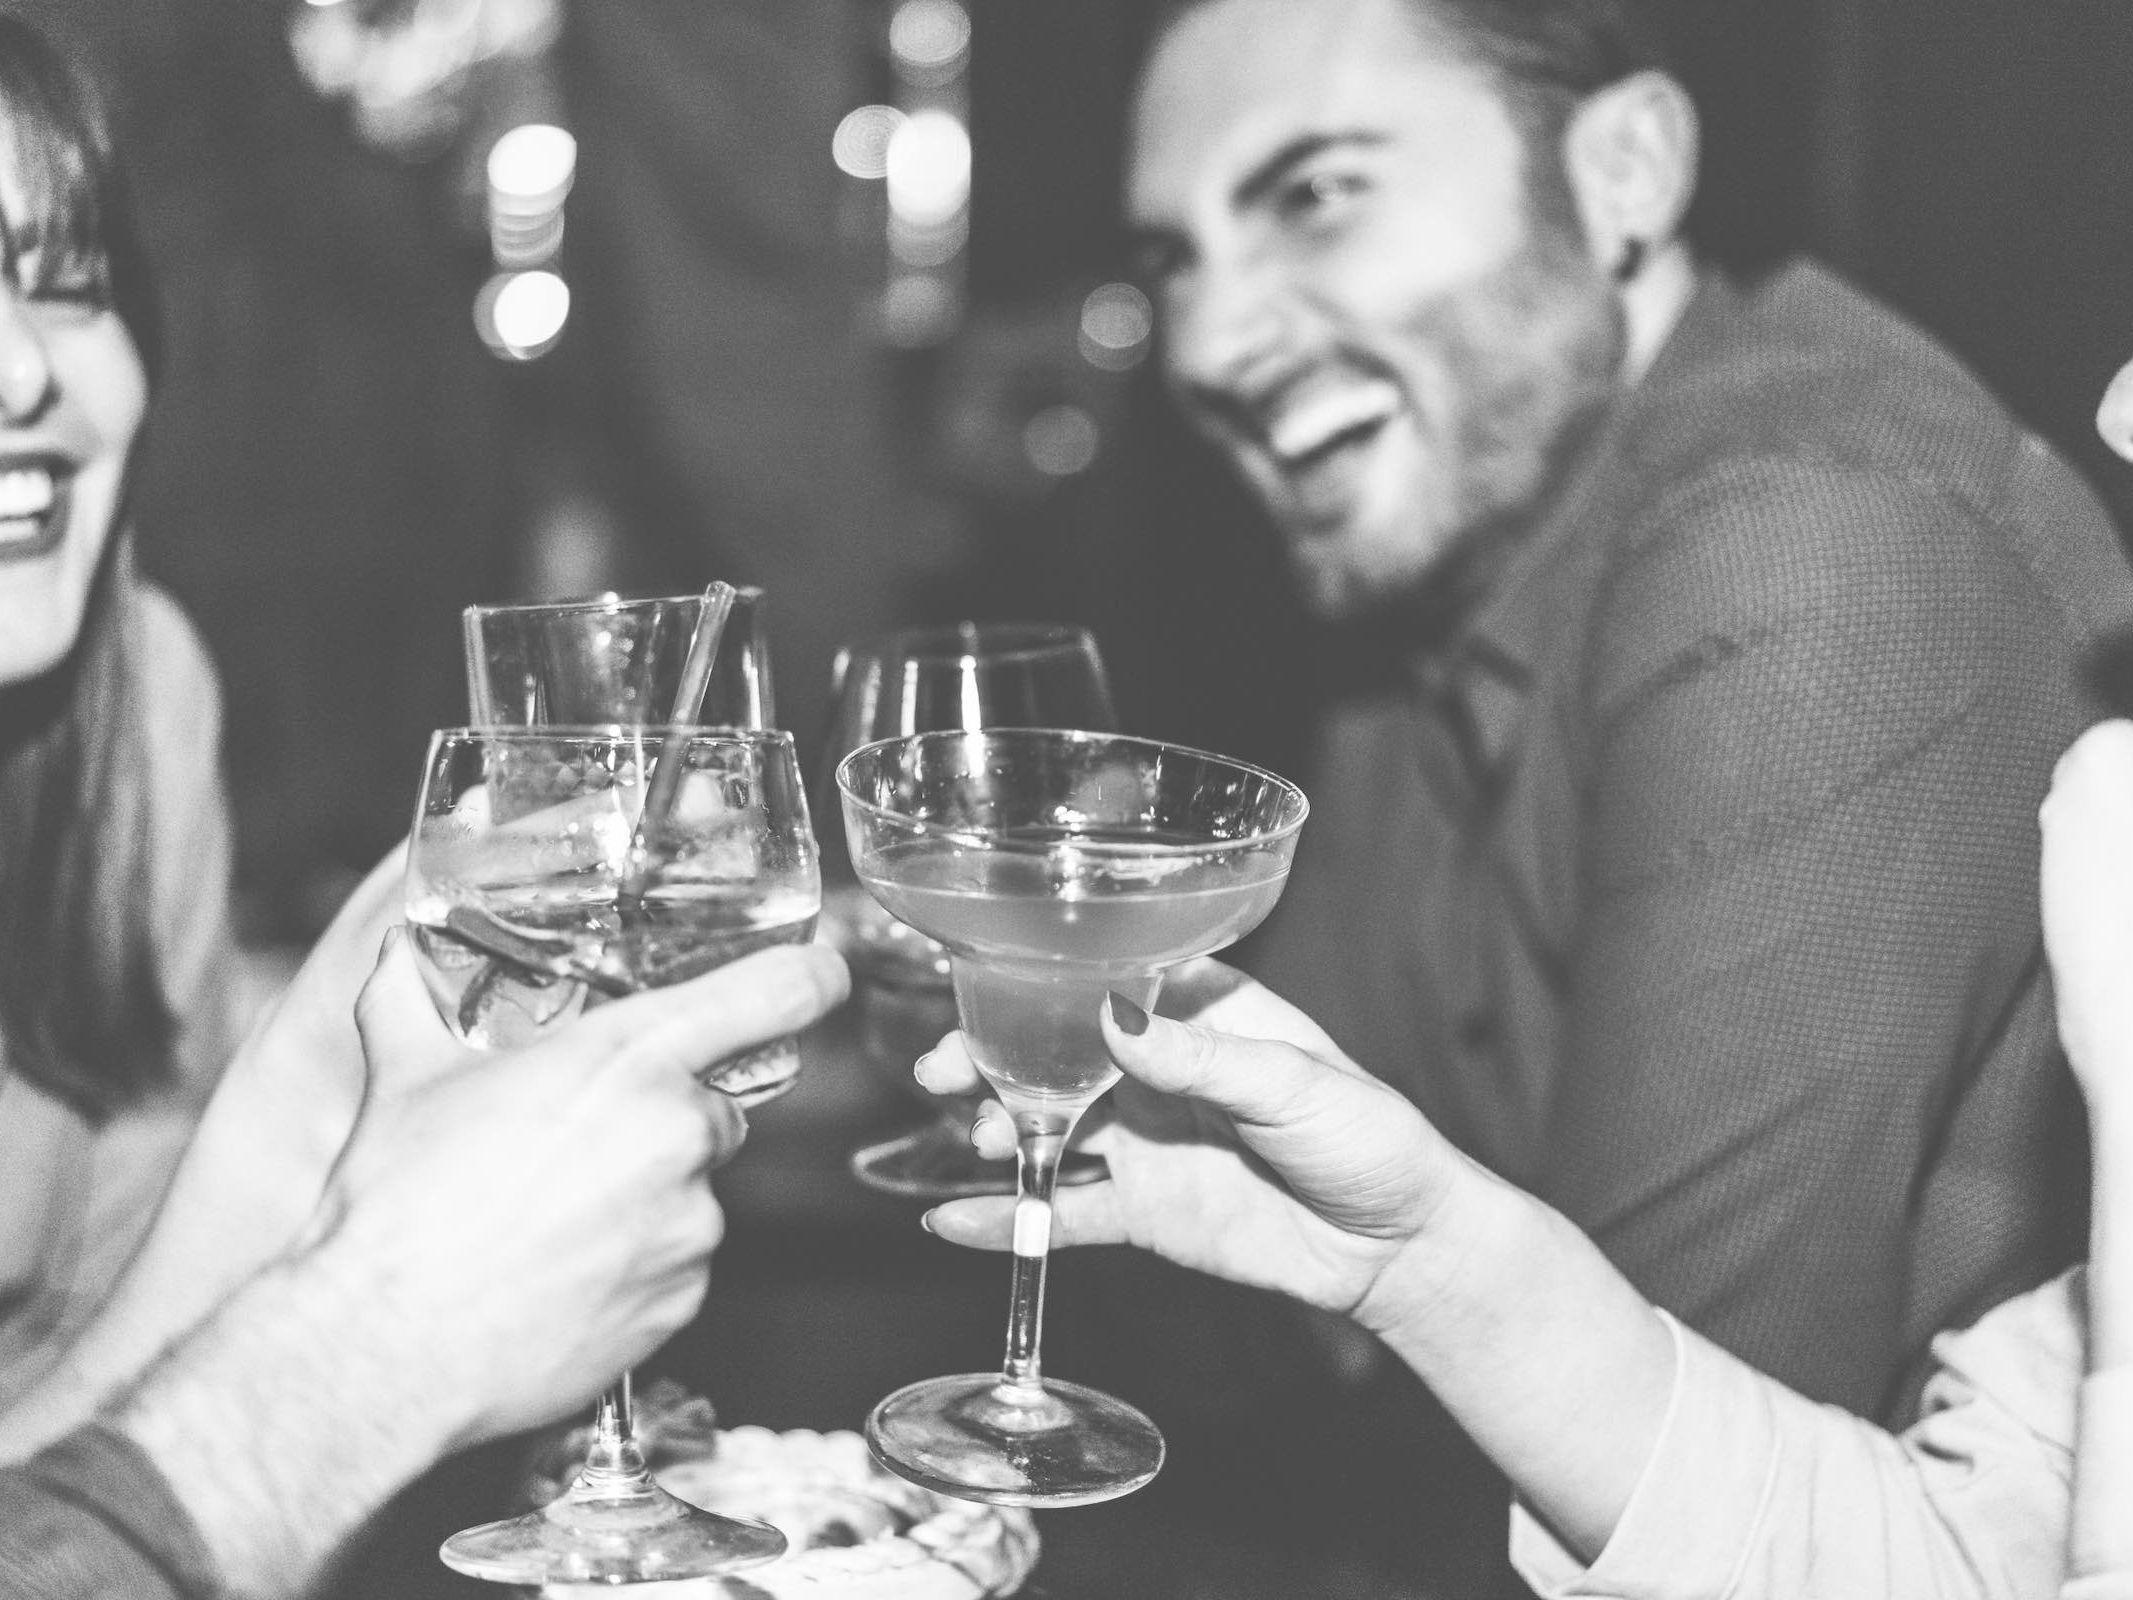 Mobile | Cocktailbar | Hochzeit | Sektempfang | Barkeeper | Buchen | Mieten | Geburtstag | Ape | VW | Bar | Getränke | Catering | Foodtruck | Ginbar | Weinbar | Sektbar | Kaffeebar | Messe